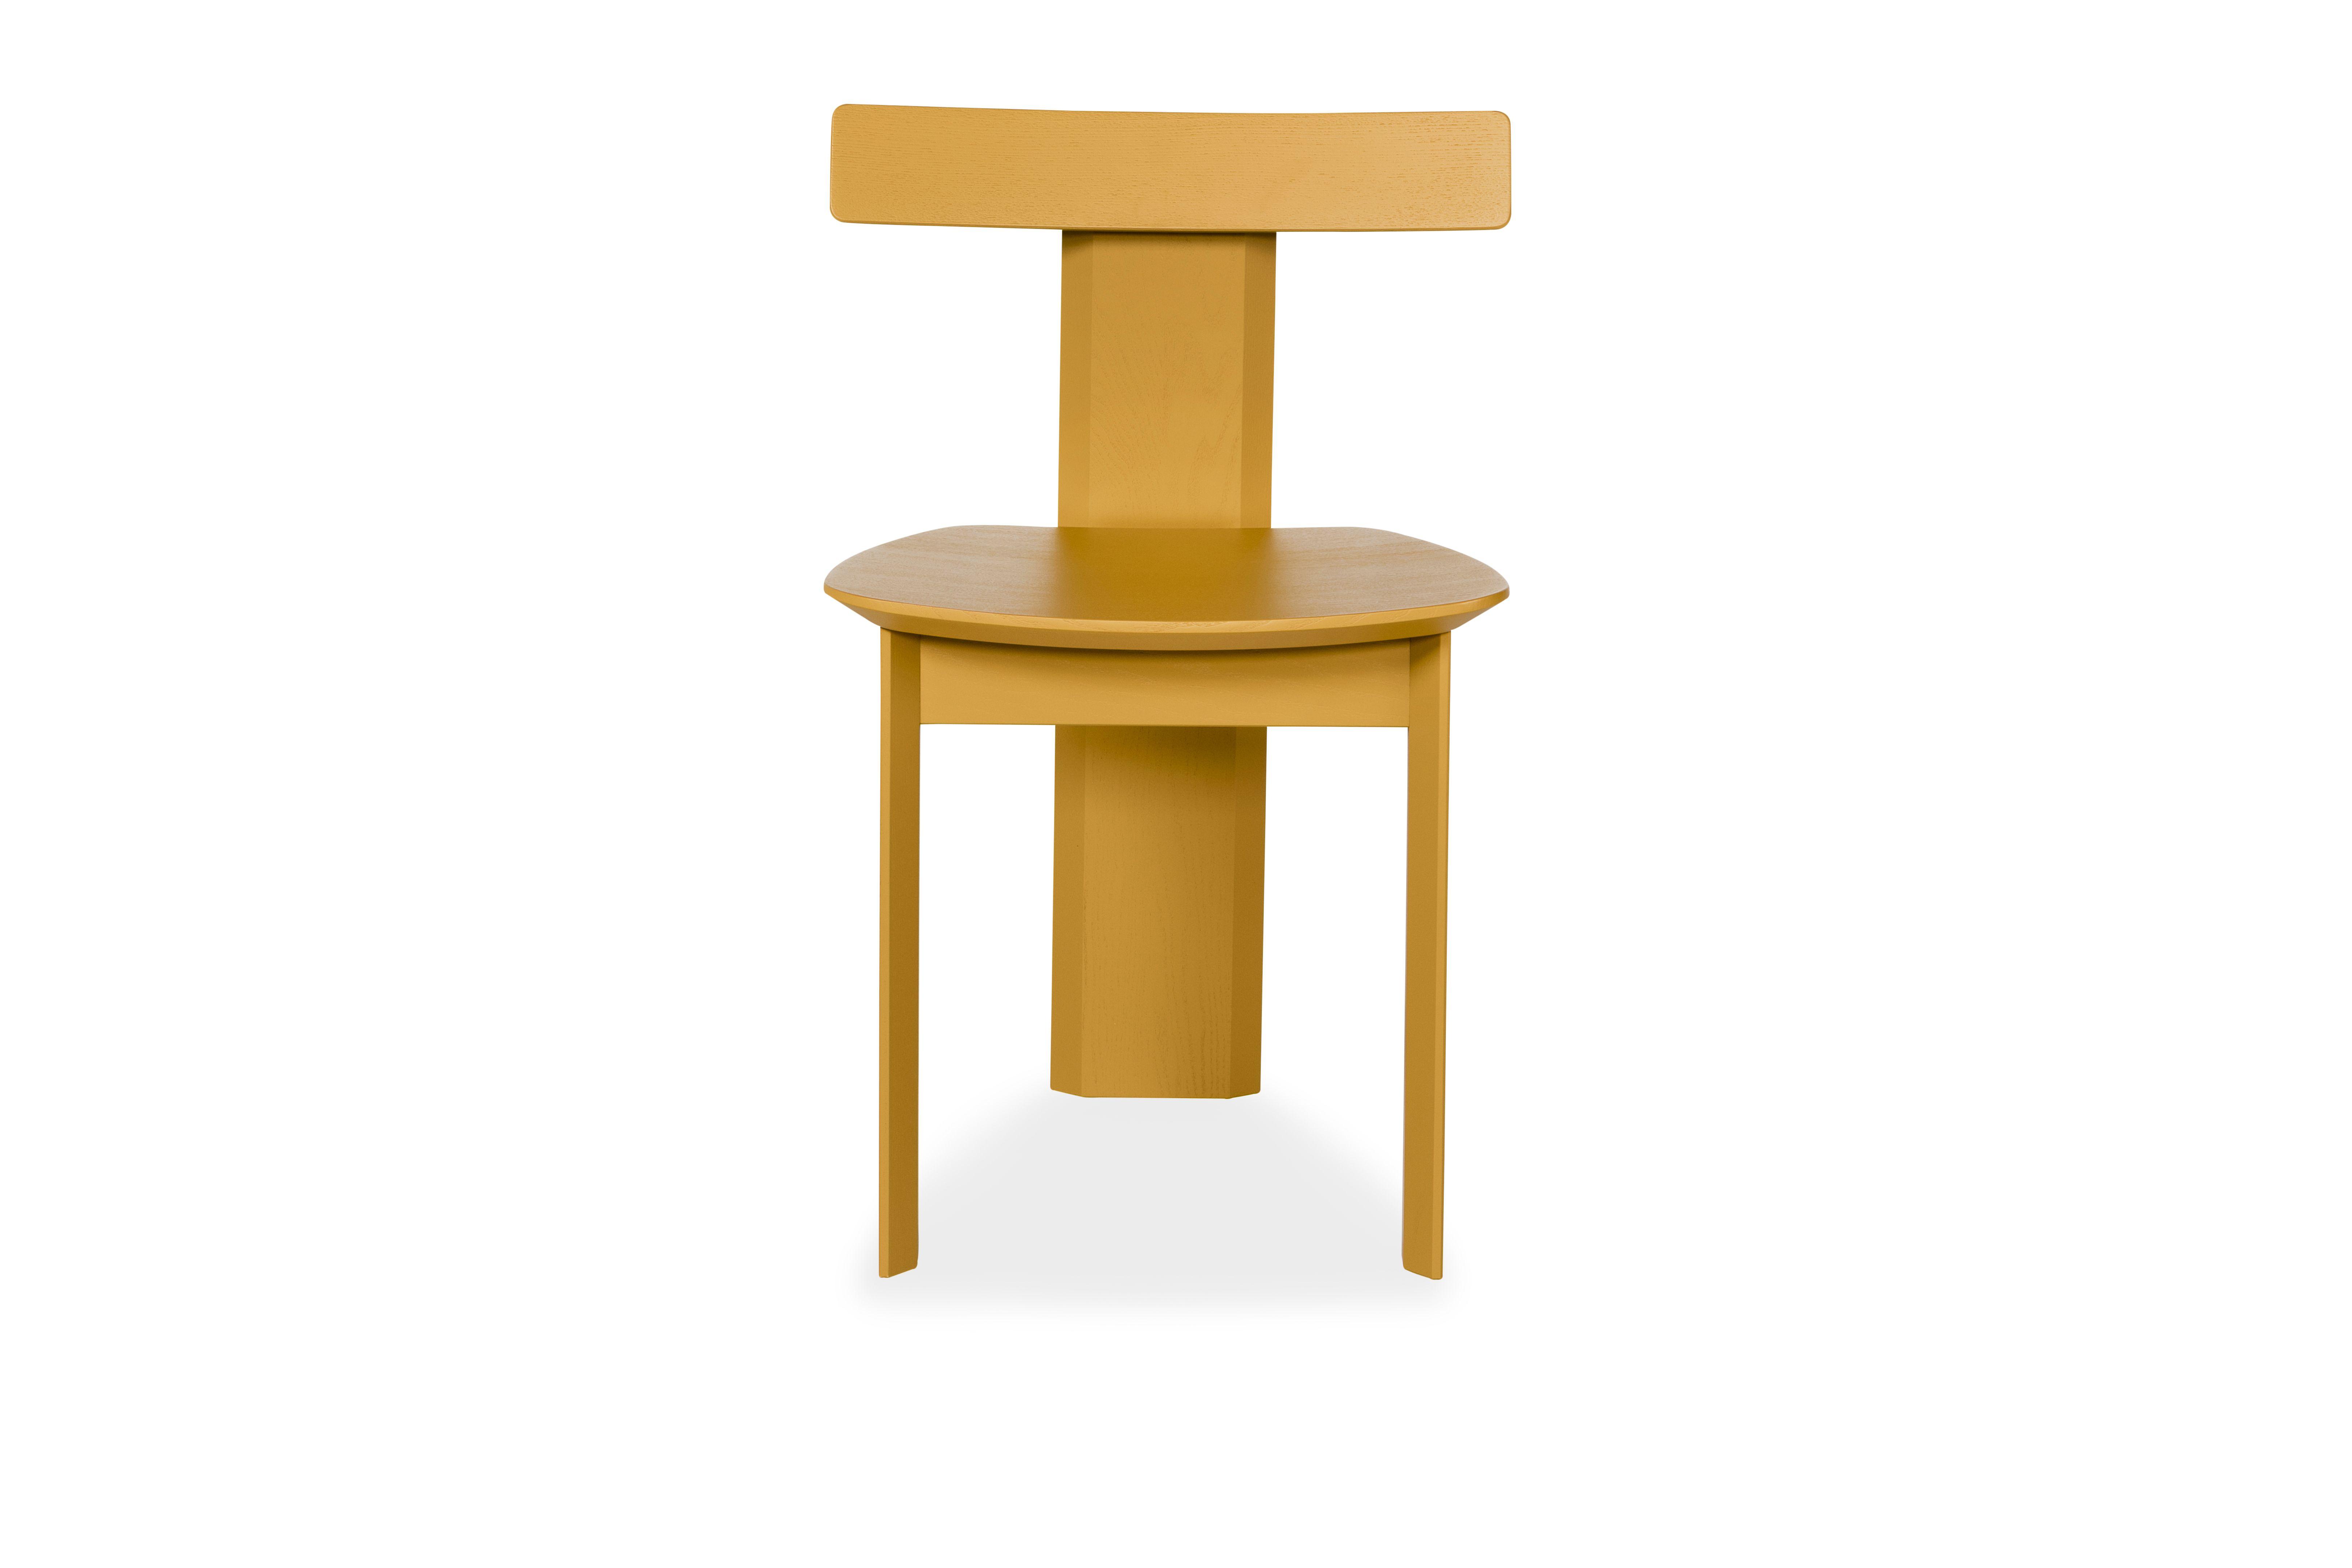 Photo of Smink | Art + Design møbler kunstprodukter | Produkter | Stoler og krakker | merke